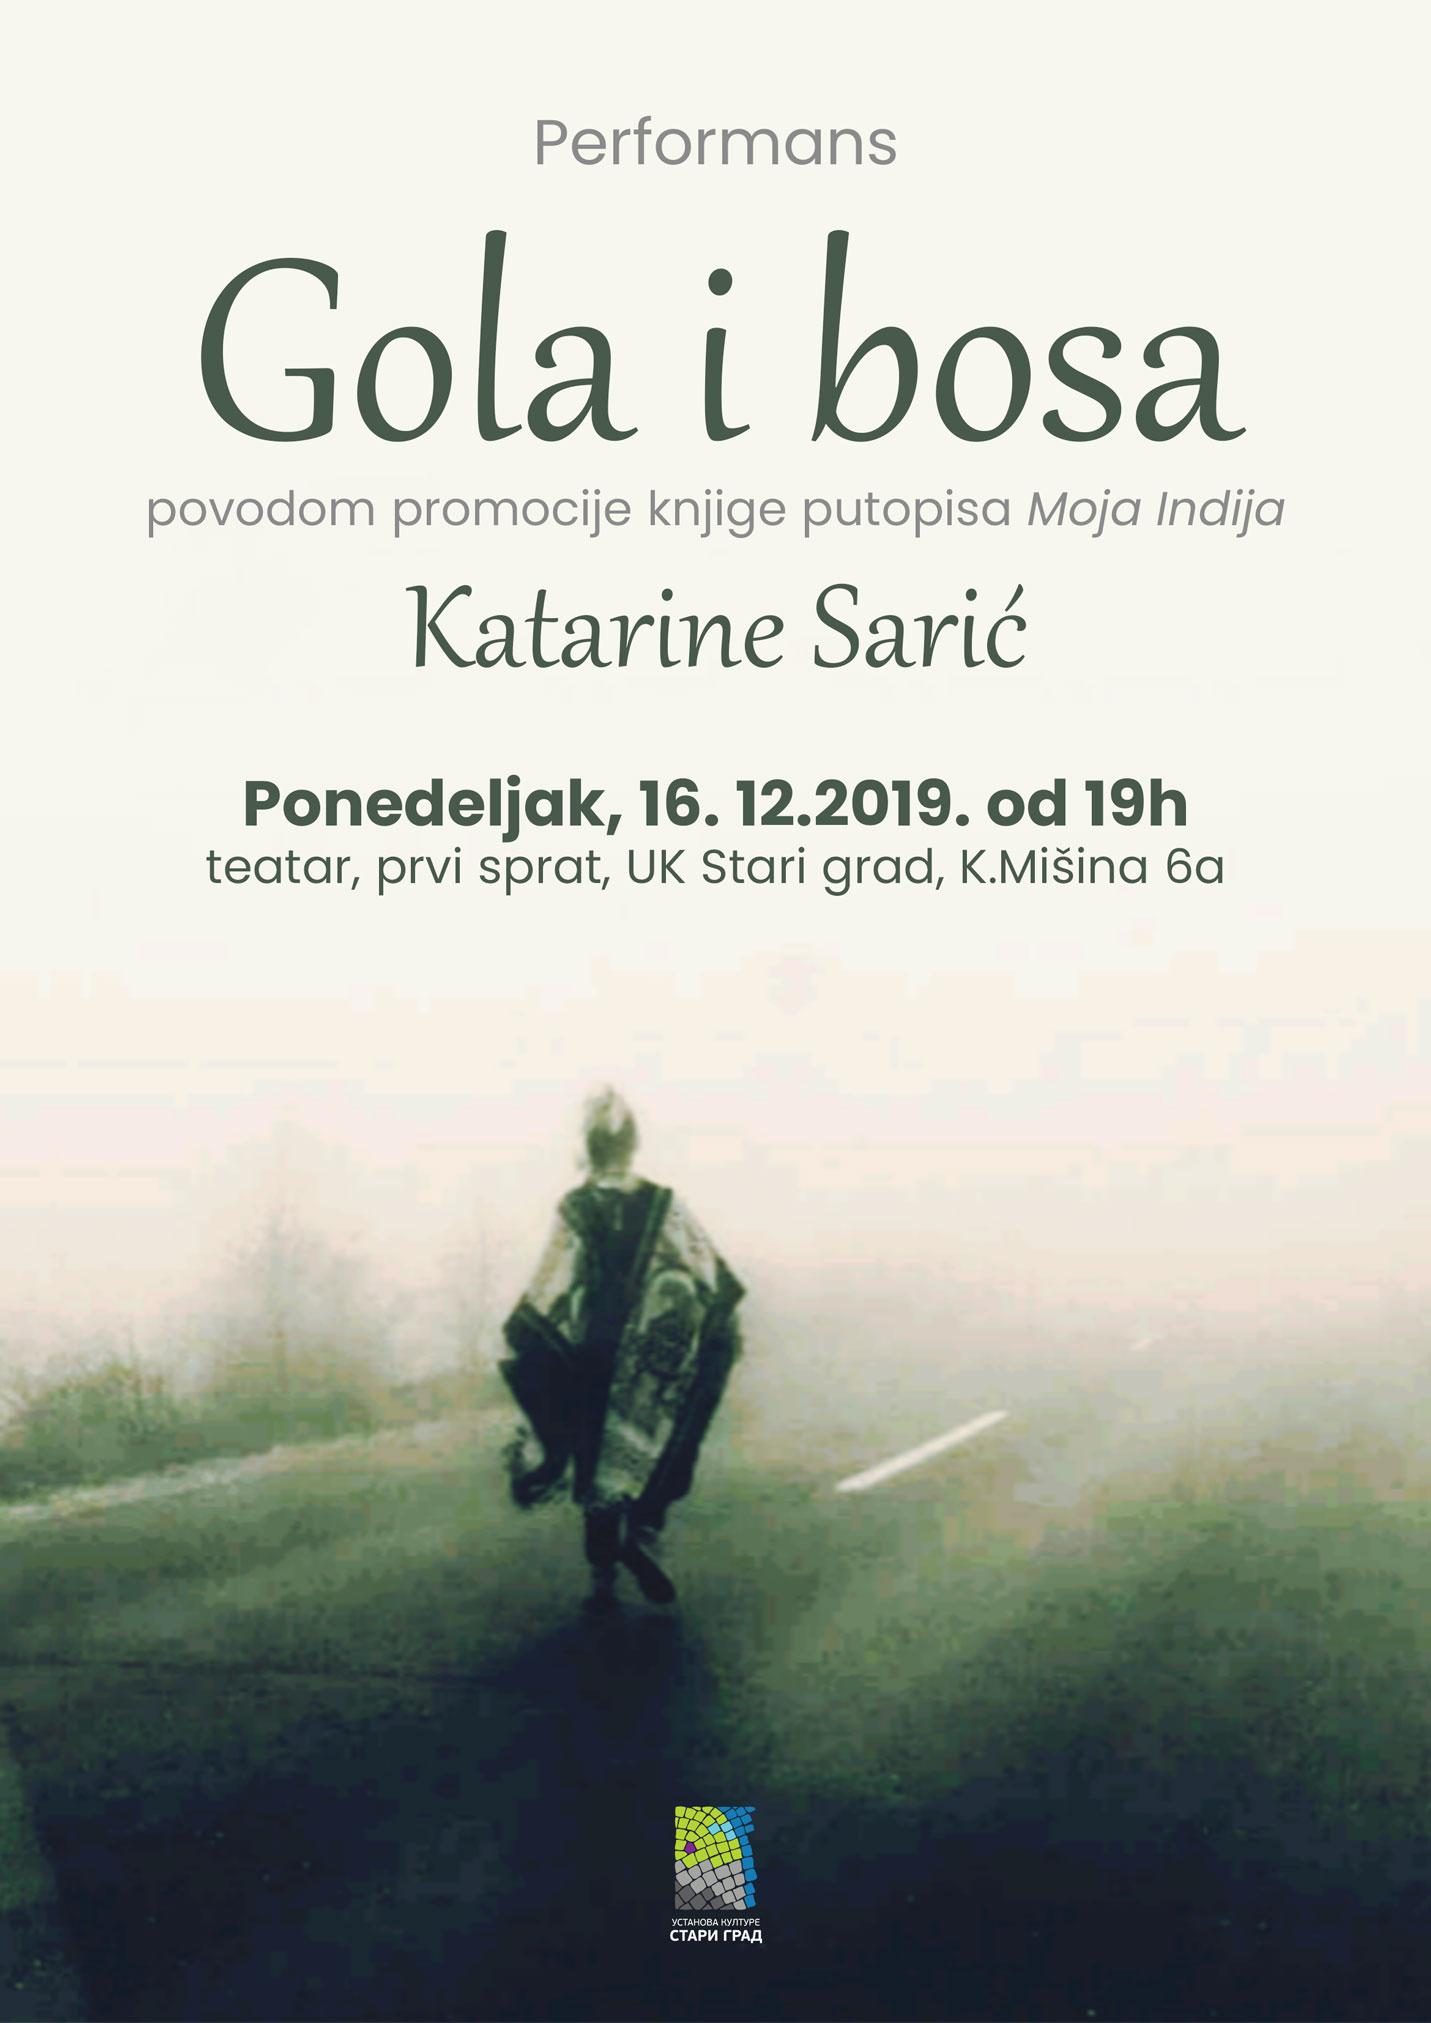 """Performans """"Gola i bosa"""" povodom promocije knjige putopisa """"Moja Indija"""" Katarine Sarić"""